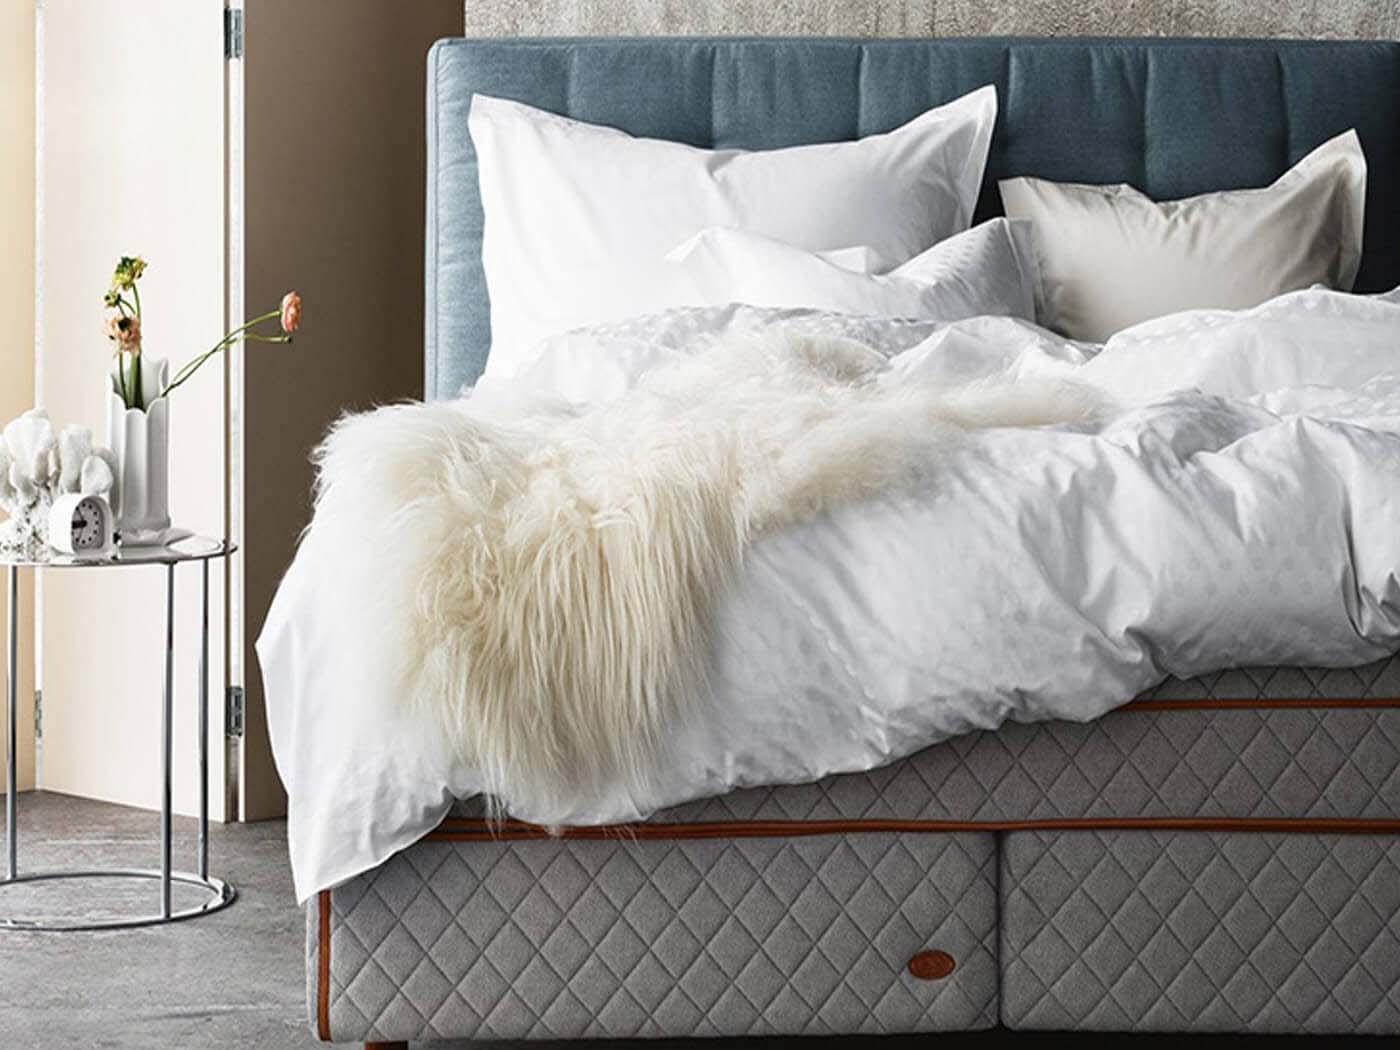 سوالات رایج در مرتب کردن روتختی و تخت خواب | کالای خواب بدروم